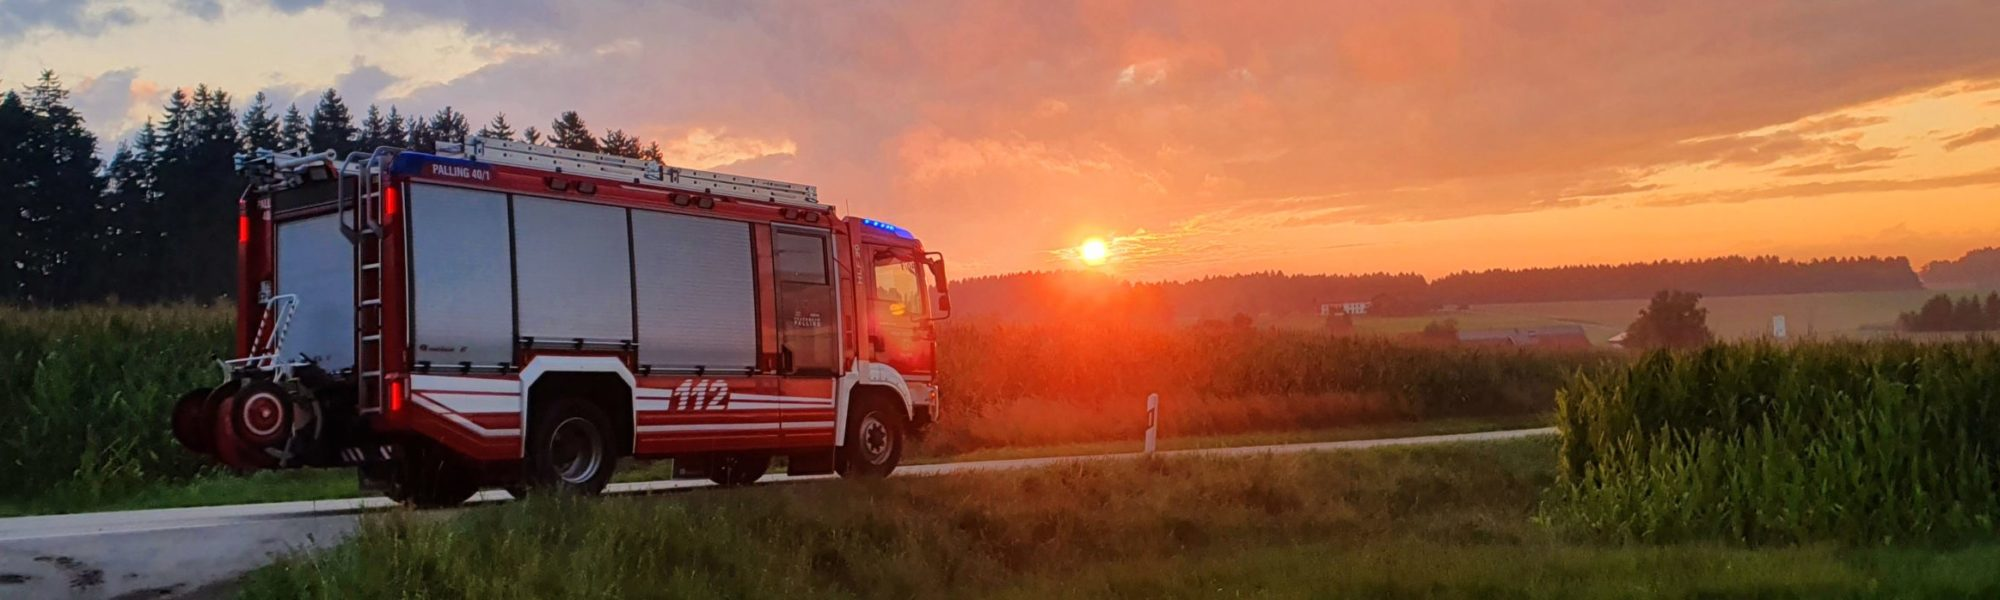 Freiwillige Feuerwehr Palling